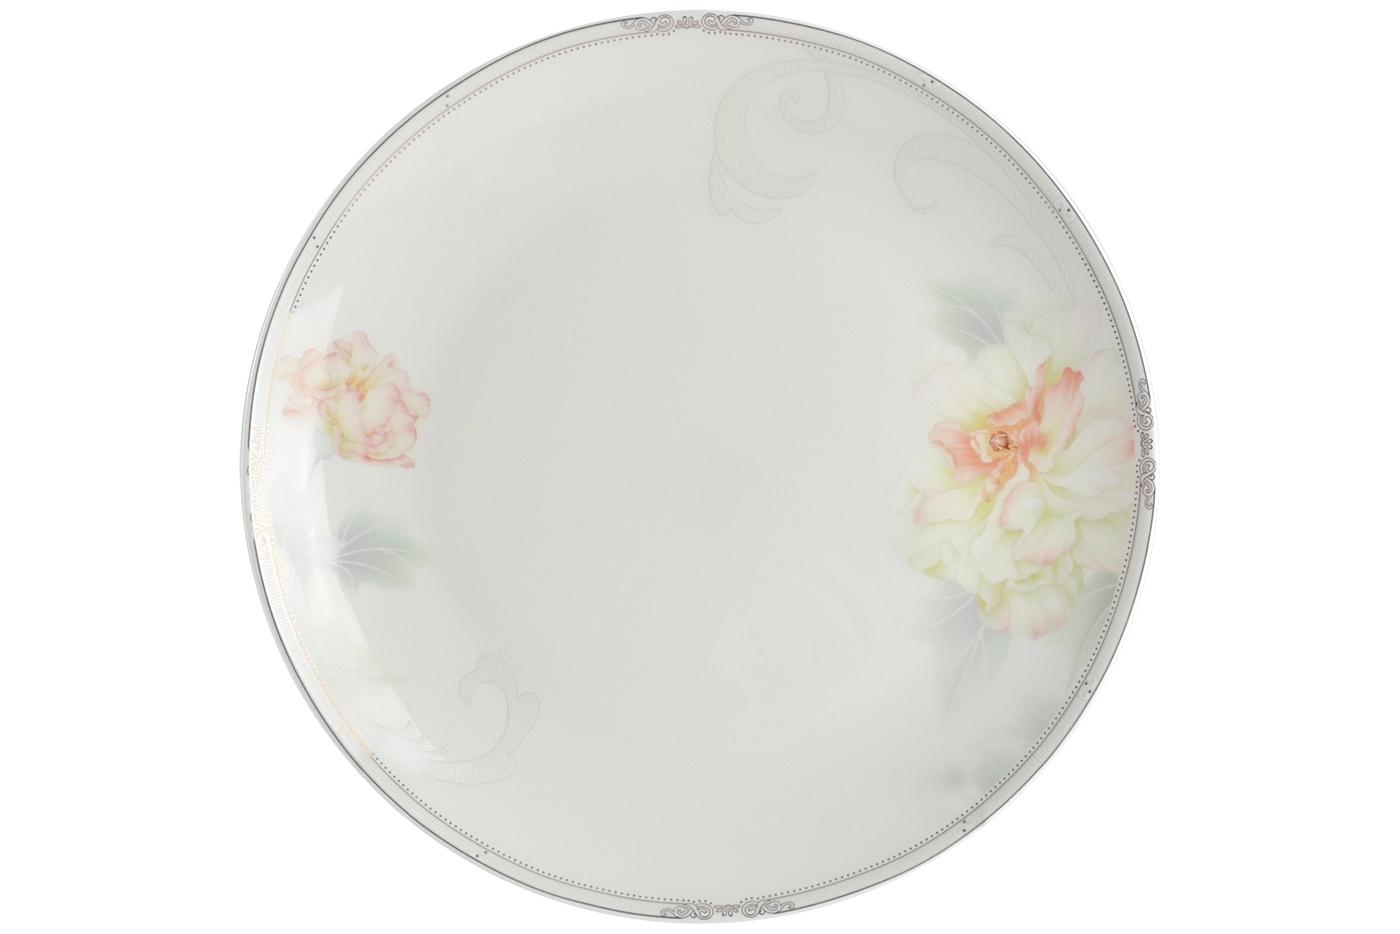 Набор из 6 тарелок Royal Aurel Акварель (25см) арт.629Наборы тарелок<br>Набор из 6 тарелок Royal Aurel Акварель (25см) арт.629<br>Производить посуду из фарфора начали в Китае на стыке 6-7 веков. Неустанно совершенствуя и селективно отбирая сырье для производства посуды из фарфора, мастерам удалось добиться выдающихся характеристик фарфора: белизны и тонкостенности. В XV веке появился особый интерес к китайской фарфоровой посуде, так как в это время Европе возникла мода на самобытные китайские вещи. Роскошный китайский фарфор являлся изыском и был в новинку, поэтому он выступал в качестве подарка королям, а также знатным людям. Такой дорогой подарок был очень престижен и по праву являлся элитной посудой. Как известно из многочисленных исторических документов, в Европе китайские изделия из фарфора ценились практически как золото. <br>Проверка изделий из костяного фарфора на подлинность <br>По сравнению с производством других видов фарфора процесс производства изделий из настоящего костяного фарфора сложен и весьма длителен. Посуда из изящного фарфора - это элитная посуда, которая всегда ассоциируется с богатством, величием и благородством. Несмотря на небольшую толщину, фарфоровая посуда - это очень прочное изделие. Для демонстрации плотности и прочности фарфора можно легко коснуться предметов посуды из фарфора деревянной палочкой, и тогда мы услушим характерный металлический звон. В составе фарфоровой посуды присутствует костяная зола, благодаря чему она может быть намного тоньше (не более 2,5 мм) и легче твердого или мягкого фарфора. Безупречная белизна - ключевой признак отличия такого фарфора от других. Цвет обычного фарфора сероватый или ближе к голубоватому, а костяной фарфор будет всегда будет молочно-белого цвета. Характерная и немаловажная деталь - это невесомая прозрачность изделий из фарфора такая, что сквозь него проходит свет.<br>